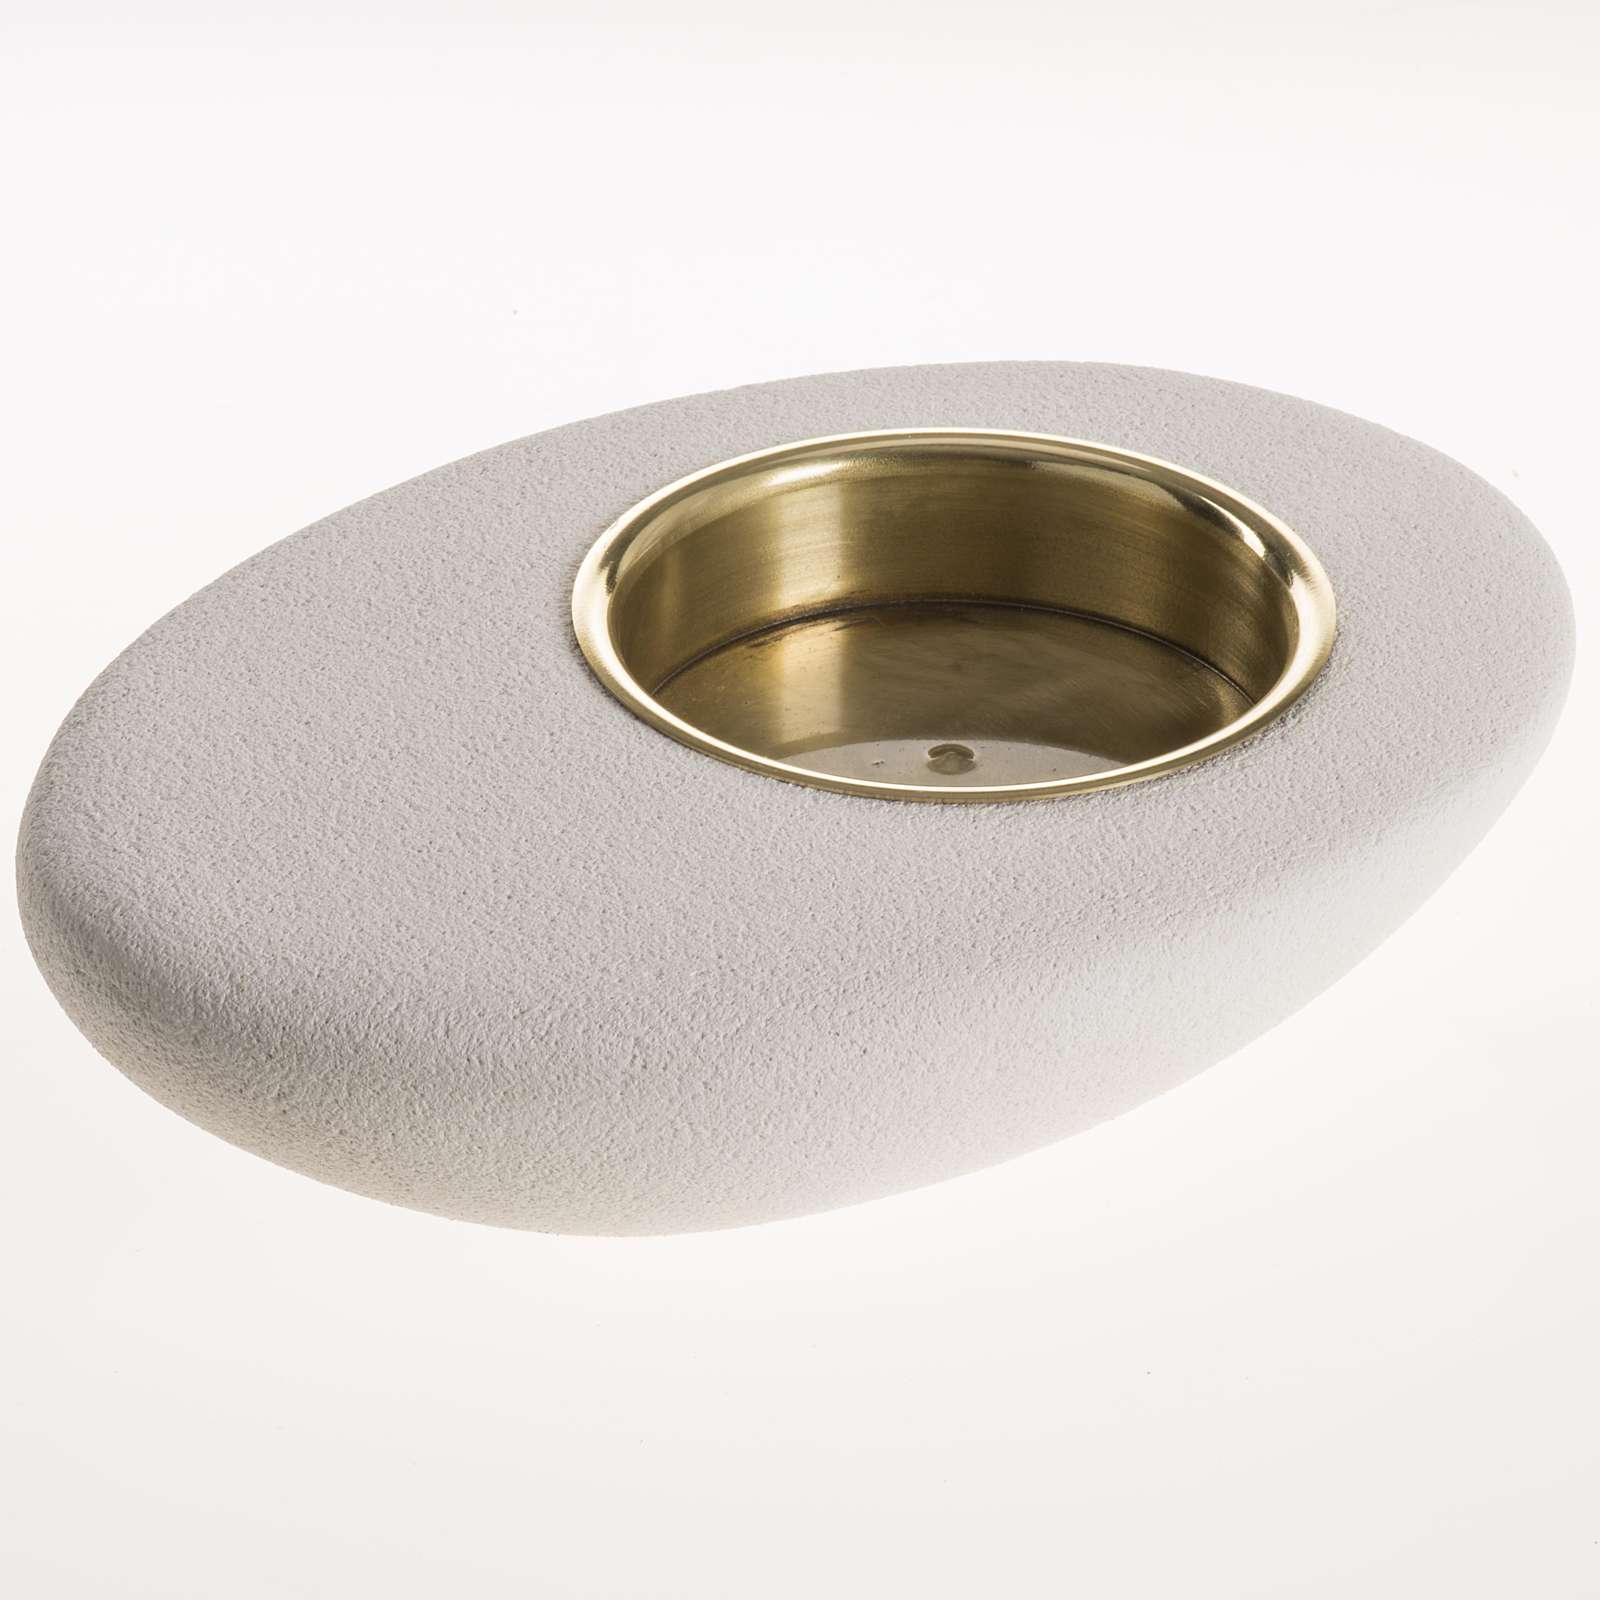 Candelero de arcilla refractaria astrales 6cm 4